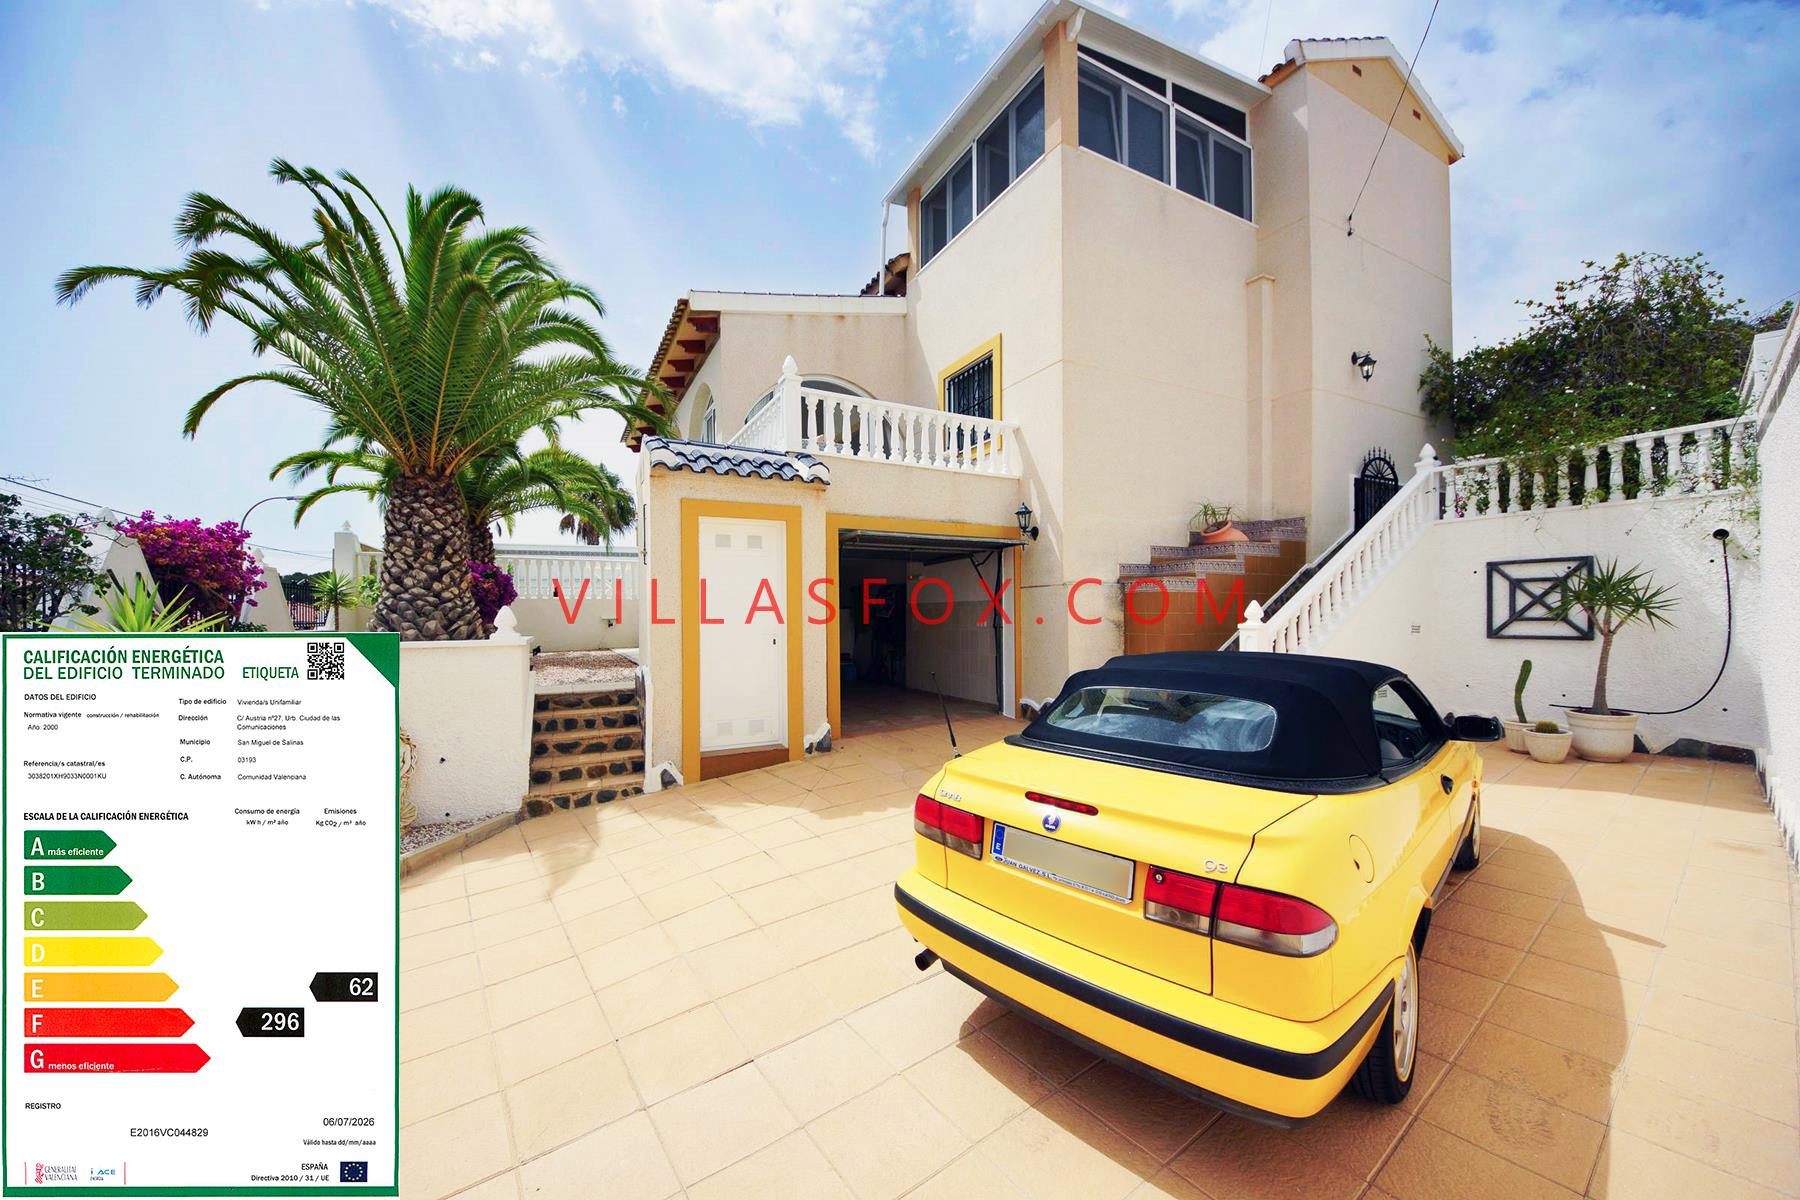 Villasmaría luksuriøs villa med 4 soverom med basseng og garasje, San Miguel de Salinas